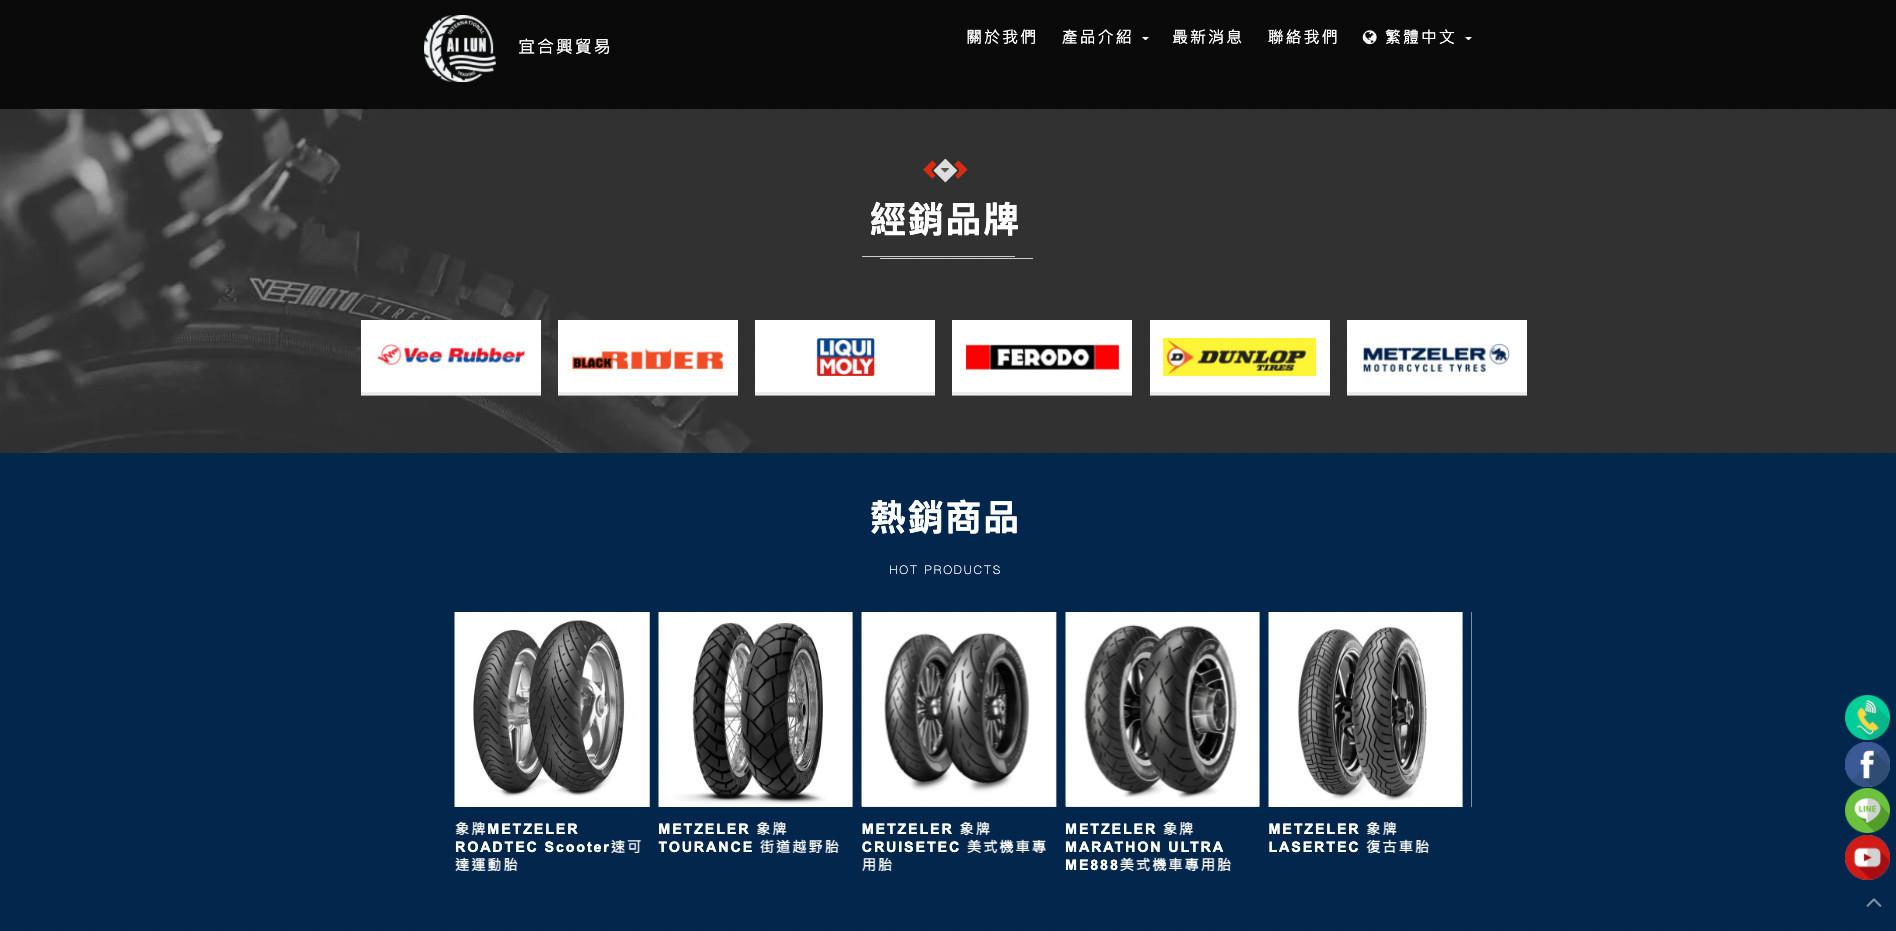 高雄SEO優化網頁設計成功案例-經銷產品品牌 宜合興機車零件及輪胎貿易商